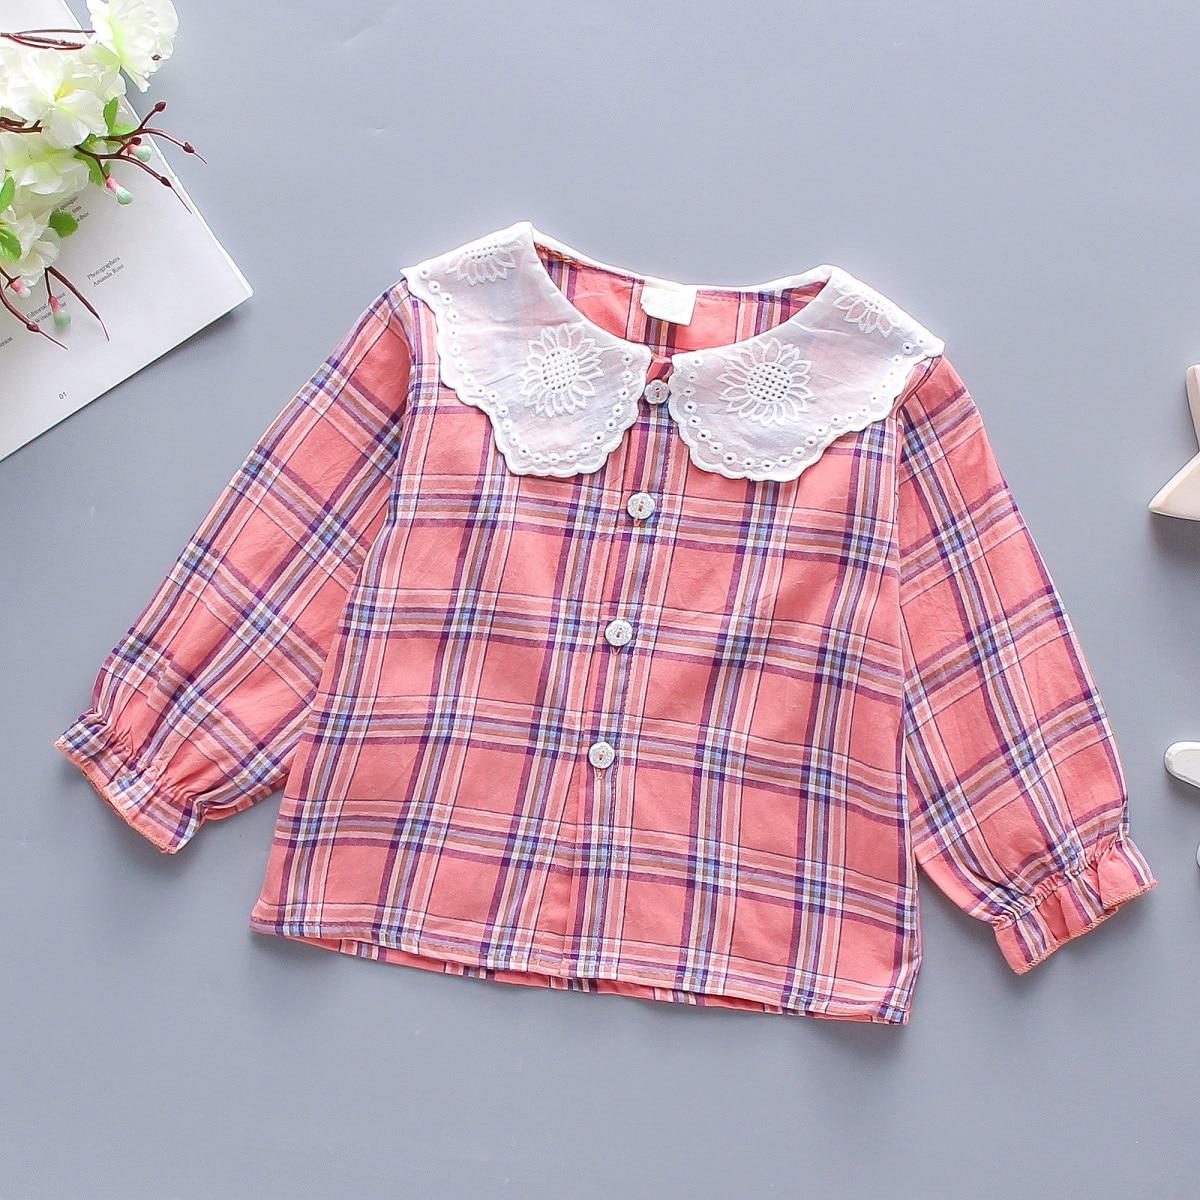 С оборками клетчатый милый блузы для девочек